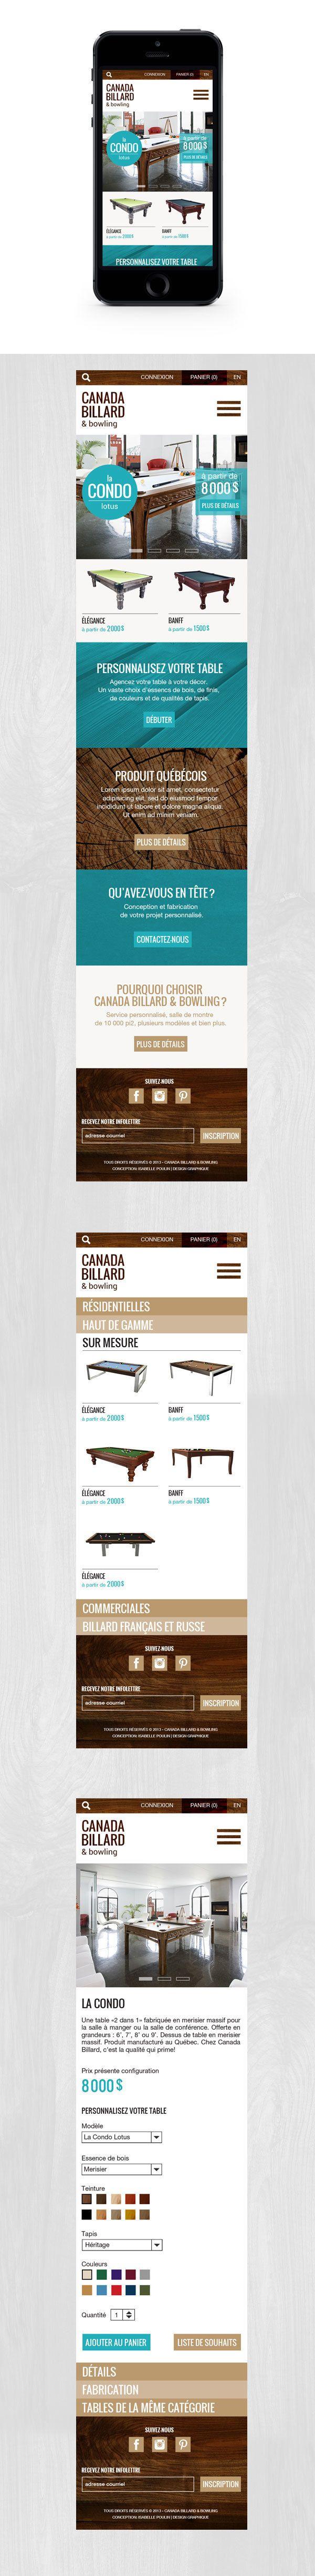 Canada Billard - mobile - Projet scolaire | Collège Salette | Été 2013